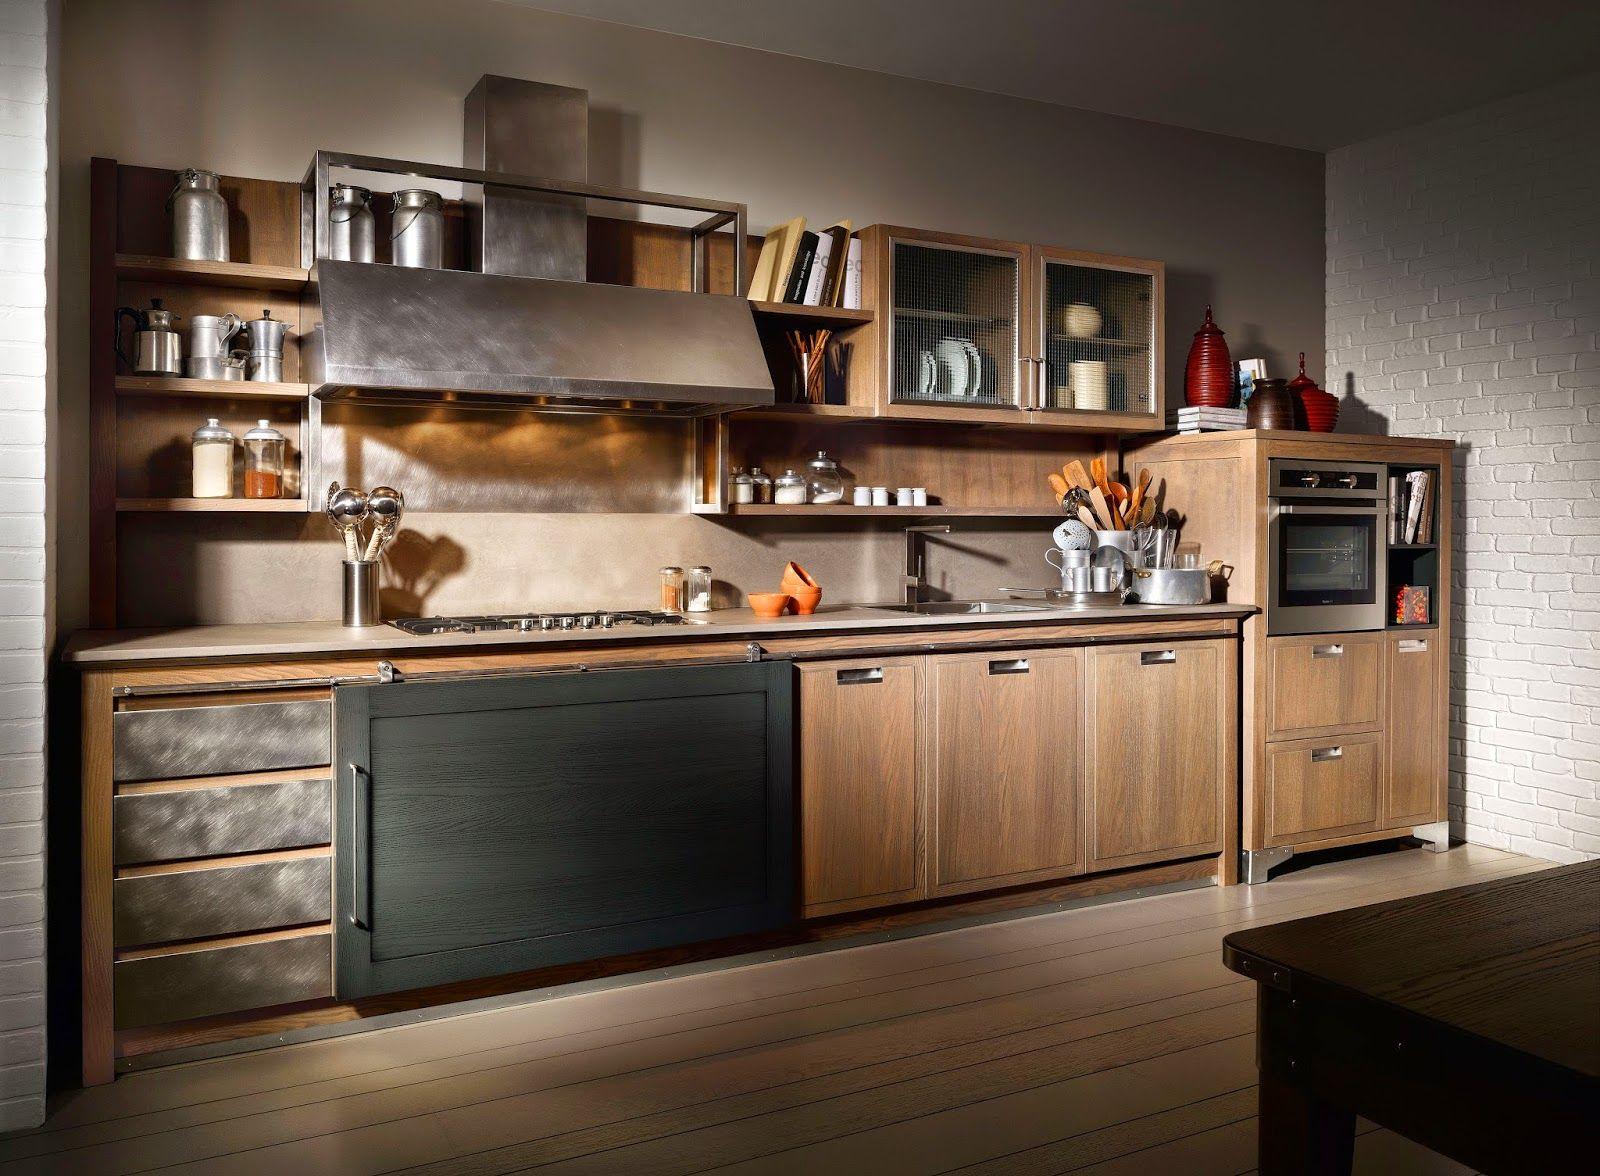 Cucine Industrial Chic Firmate L Ottocento Cucine Cucina Industriale Saloni Industriali Arredo Interni Cucina